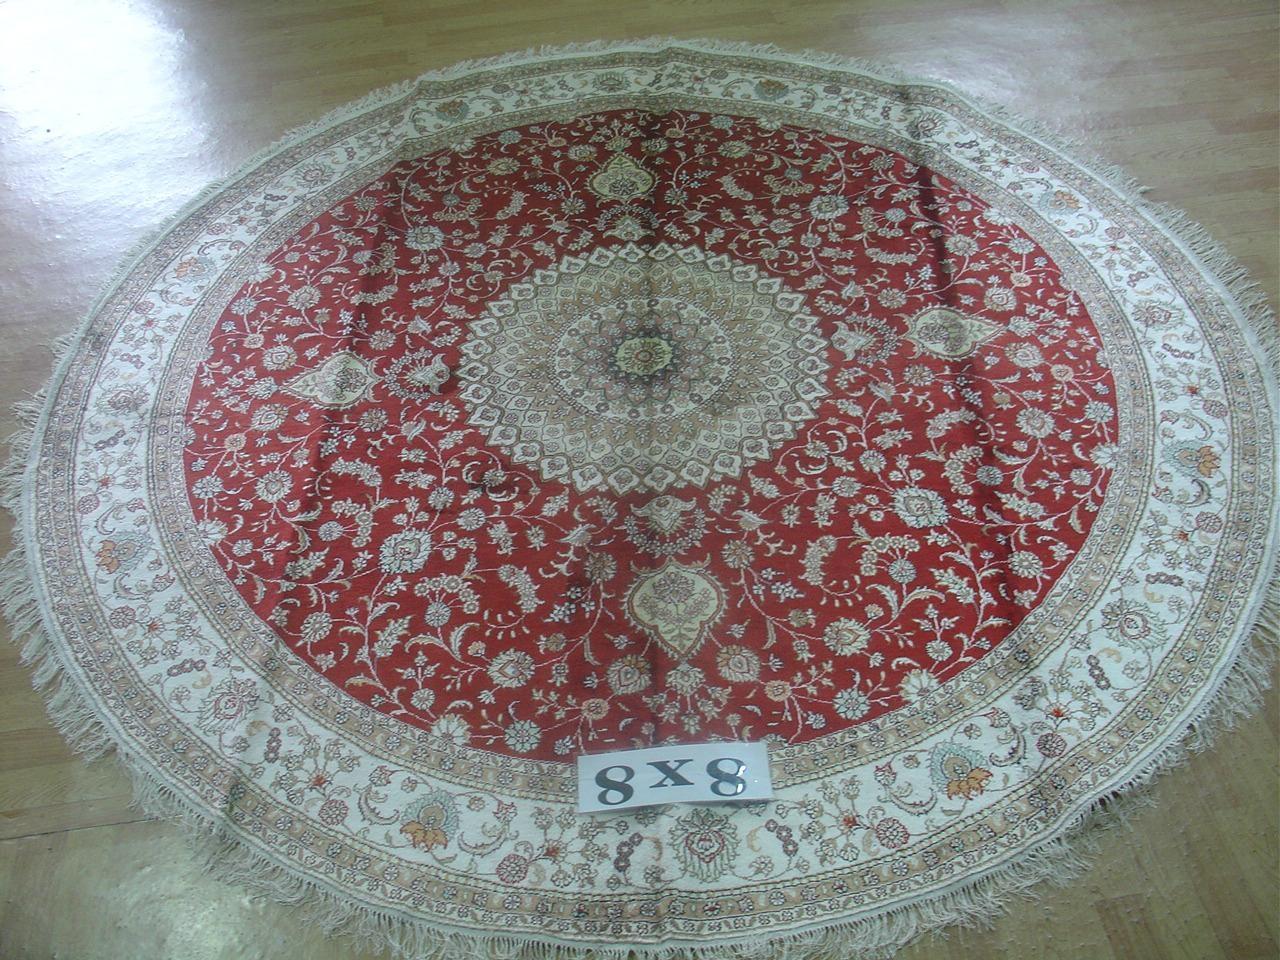 亚美批发圆形真丝地毯 圆形波斯地毯 世界名毯 1